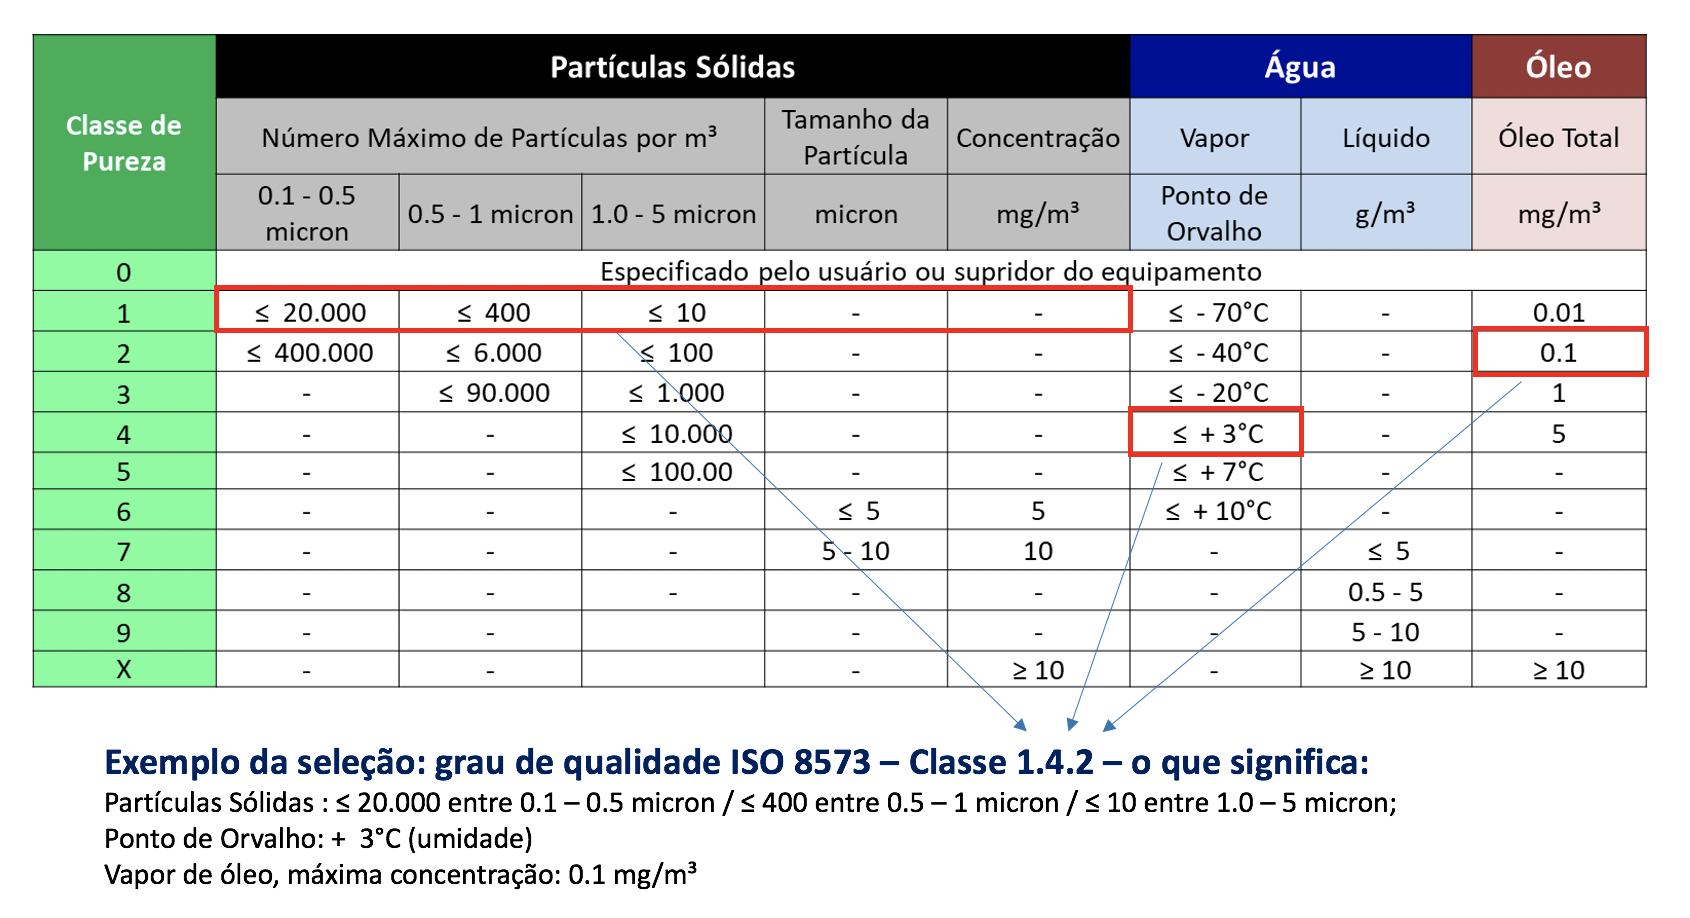 Tabela do grau de qualidade (ou pureza) de ar comprimido SMC